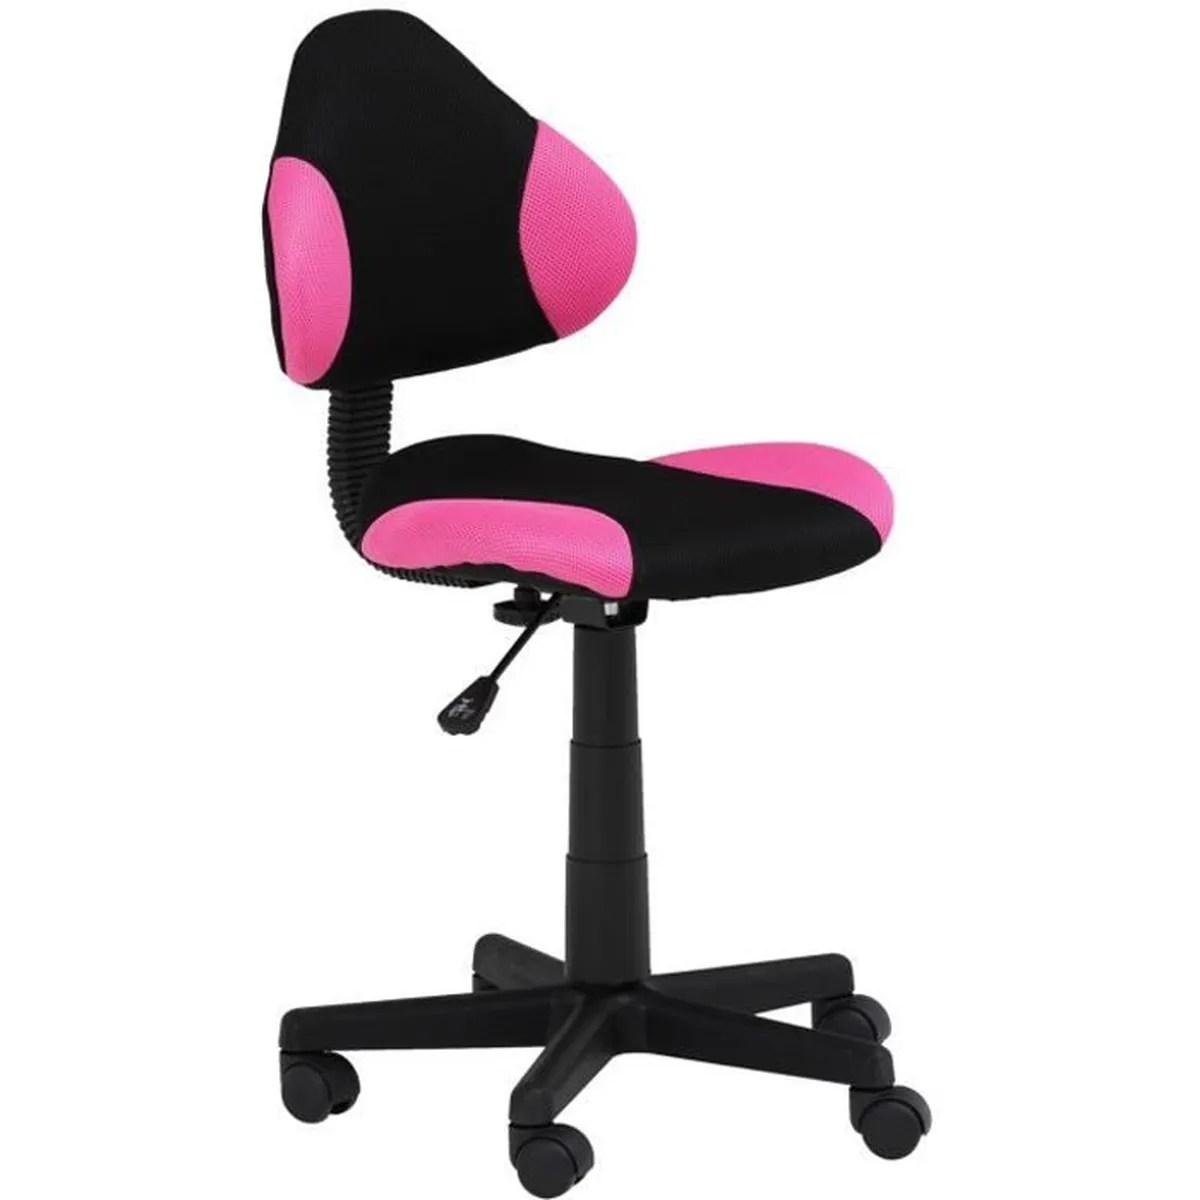 Fauteuil De Bureau Fille Fly Chaise De Bureau